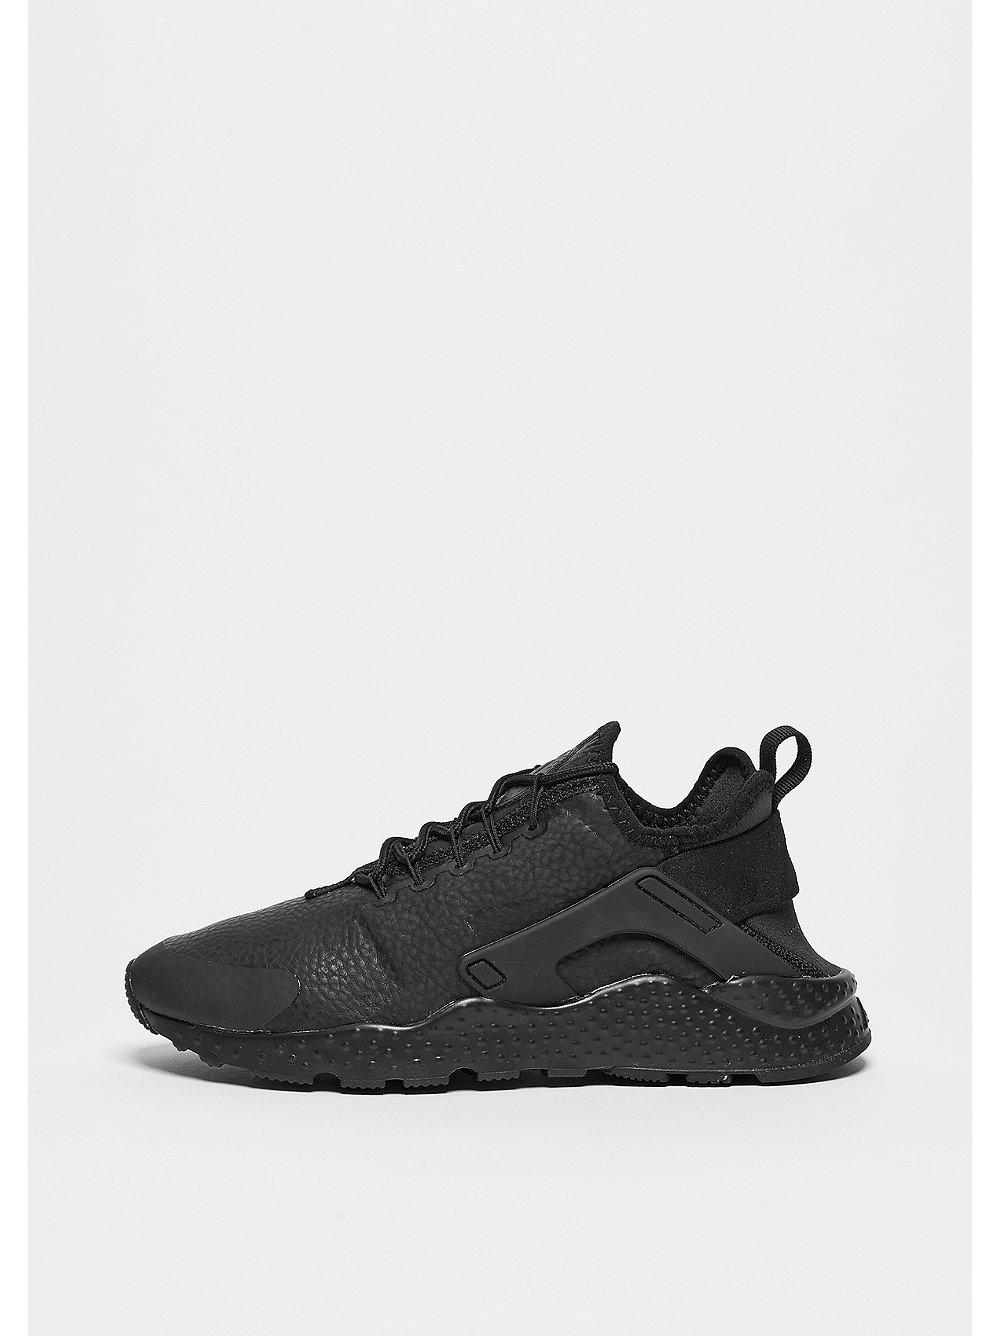 Nike Air Huarache damessneaker zwart